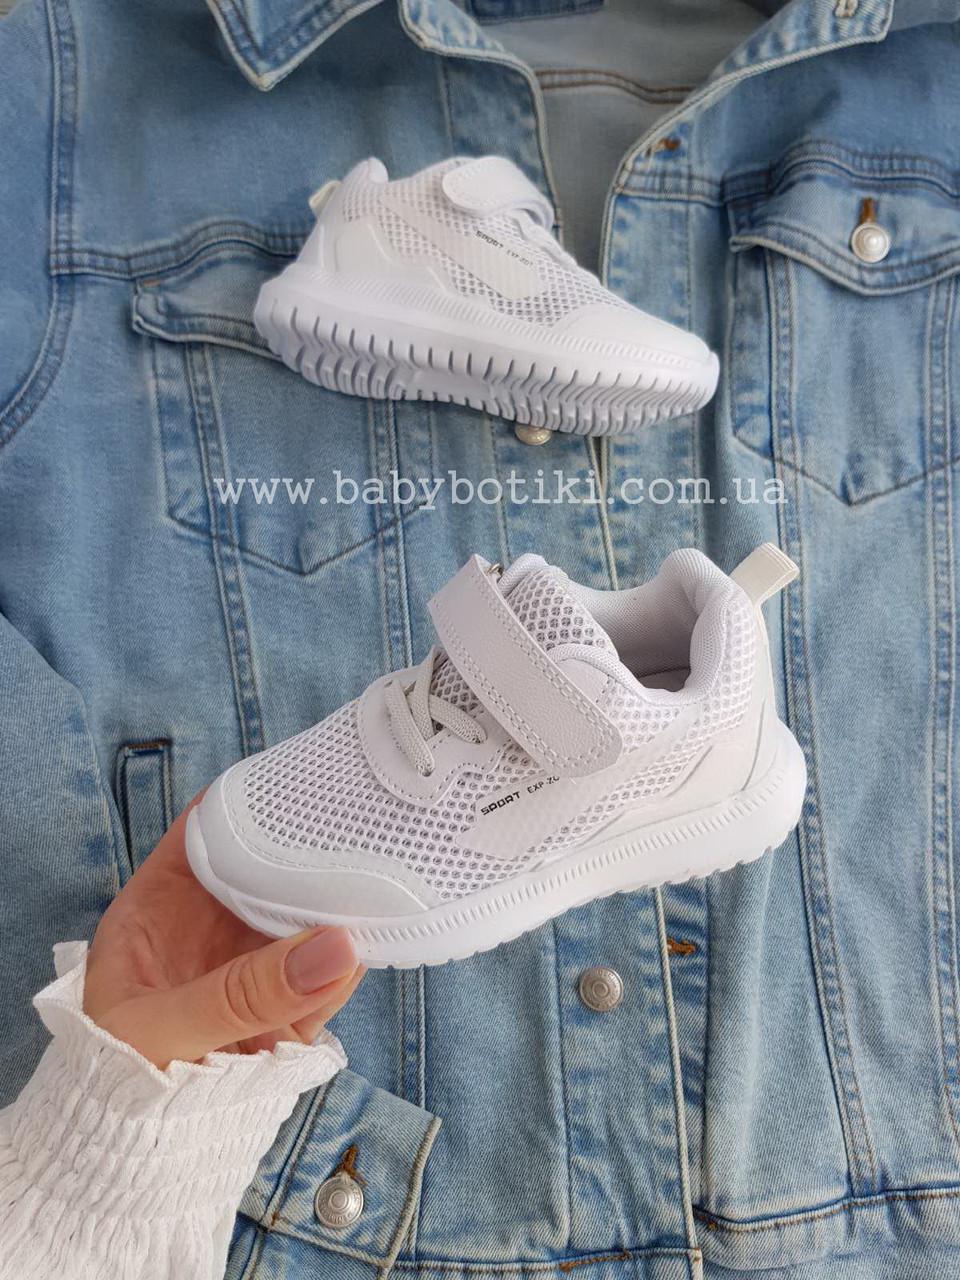 Детские легкие кроссовки.